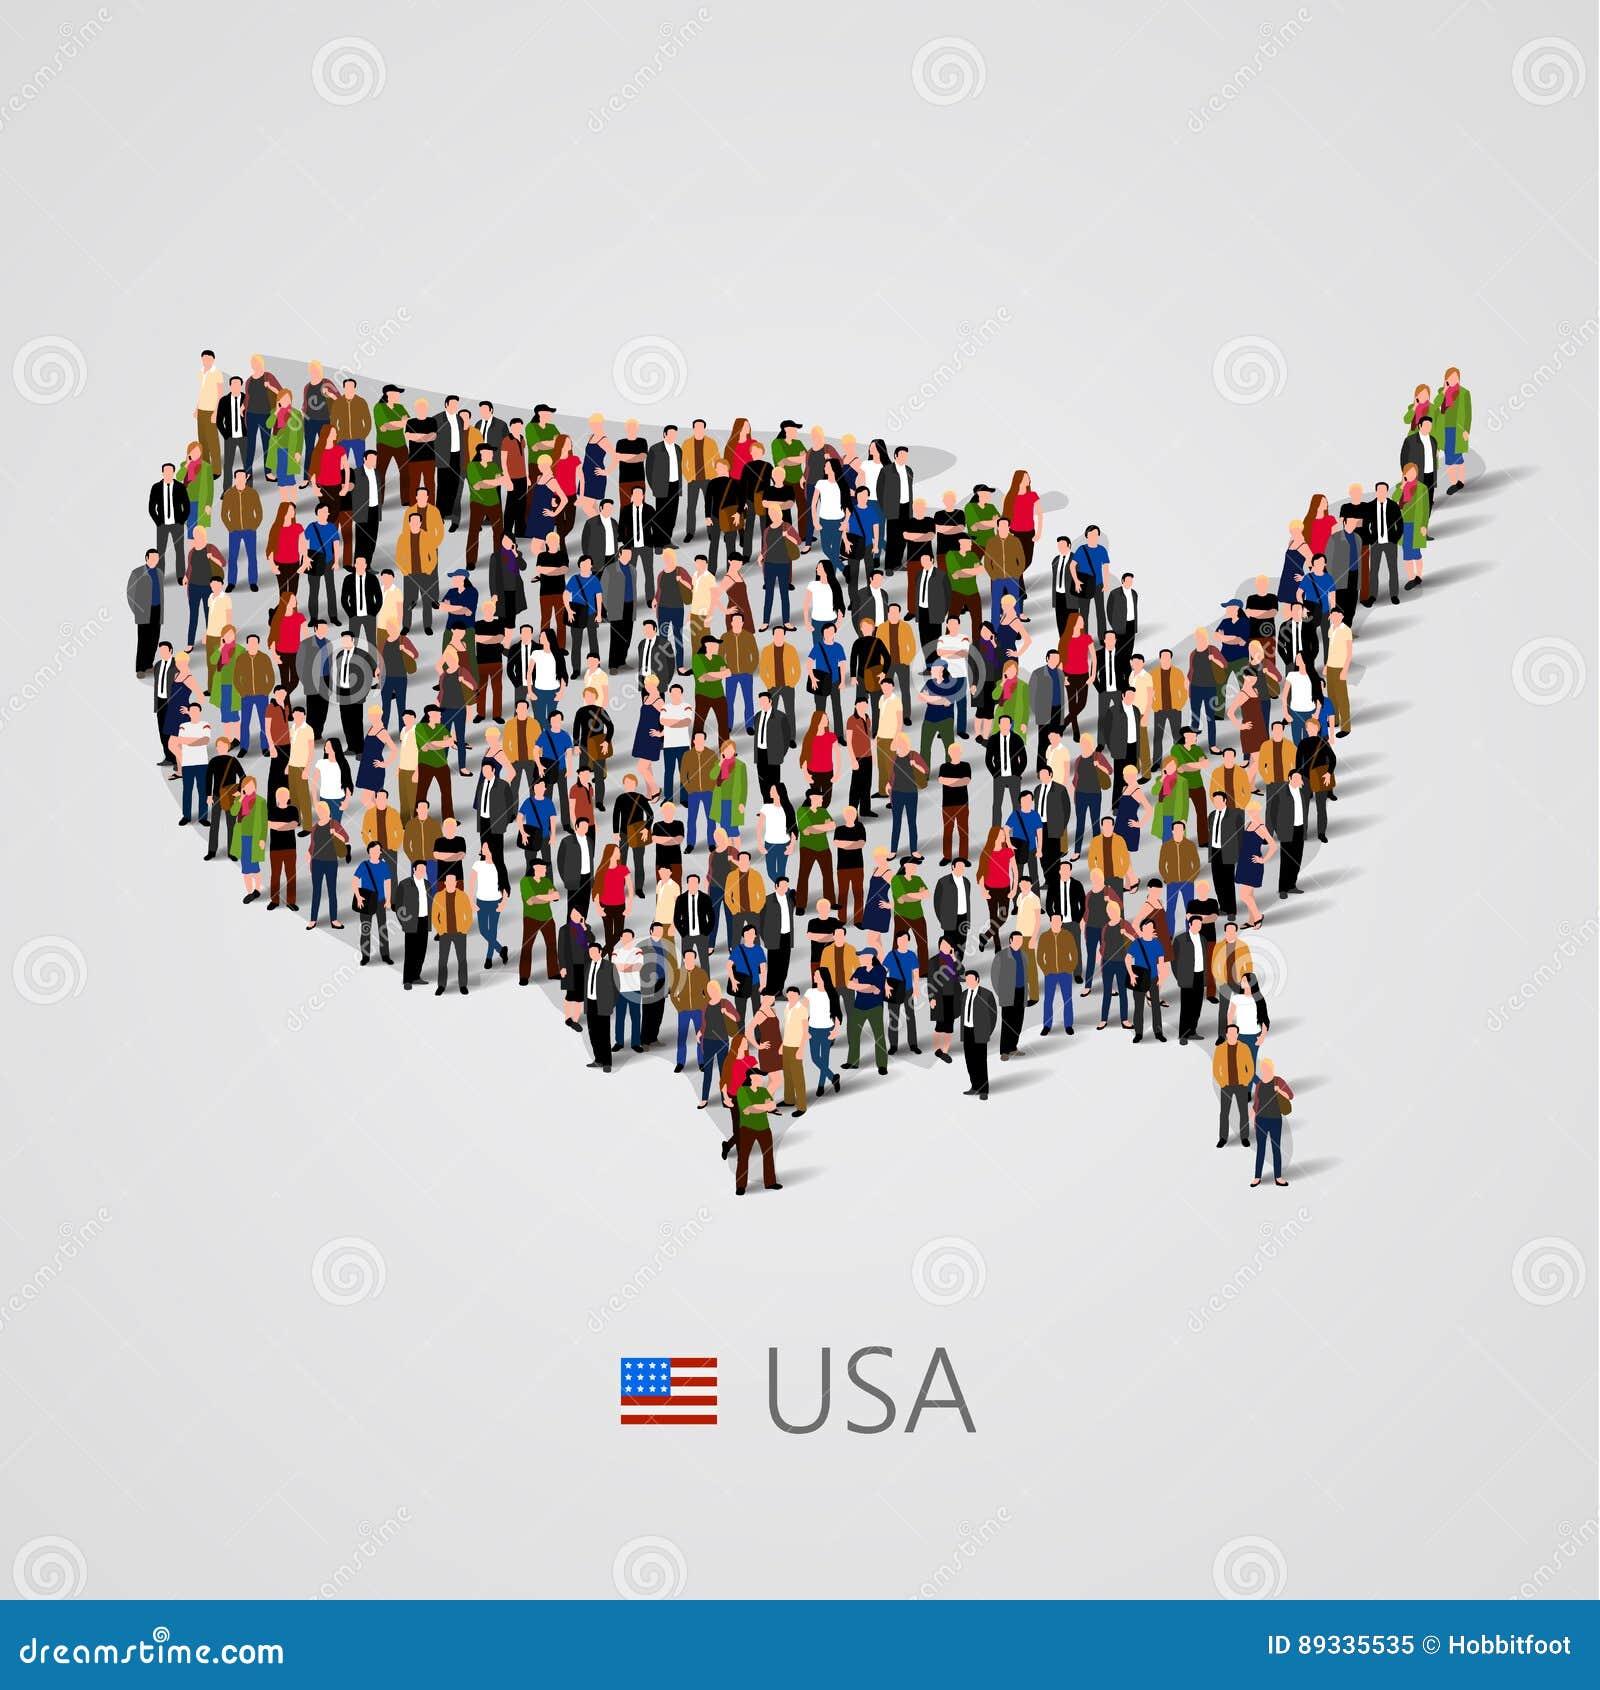 Grosse Gruppe Von Personen In Den Vereinigten Staaten Von Amerika